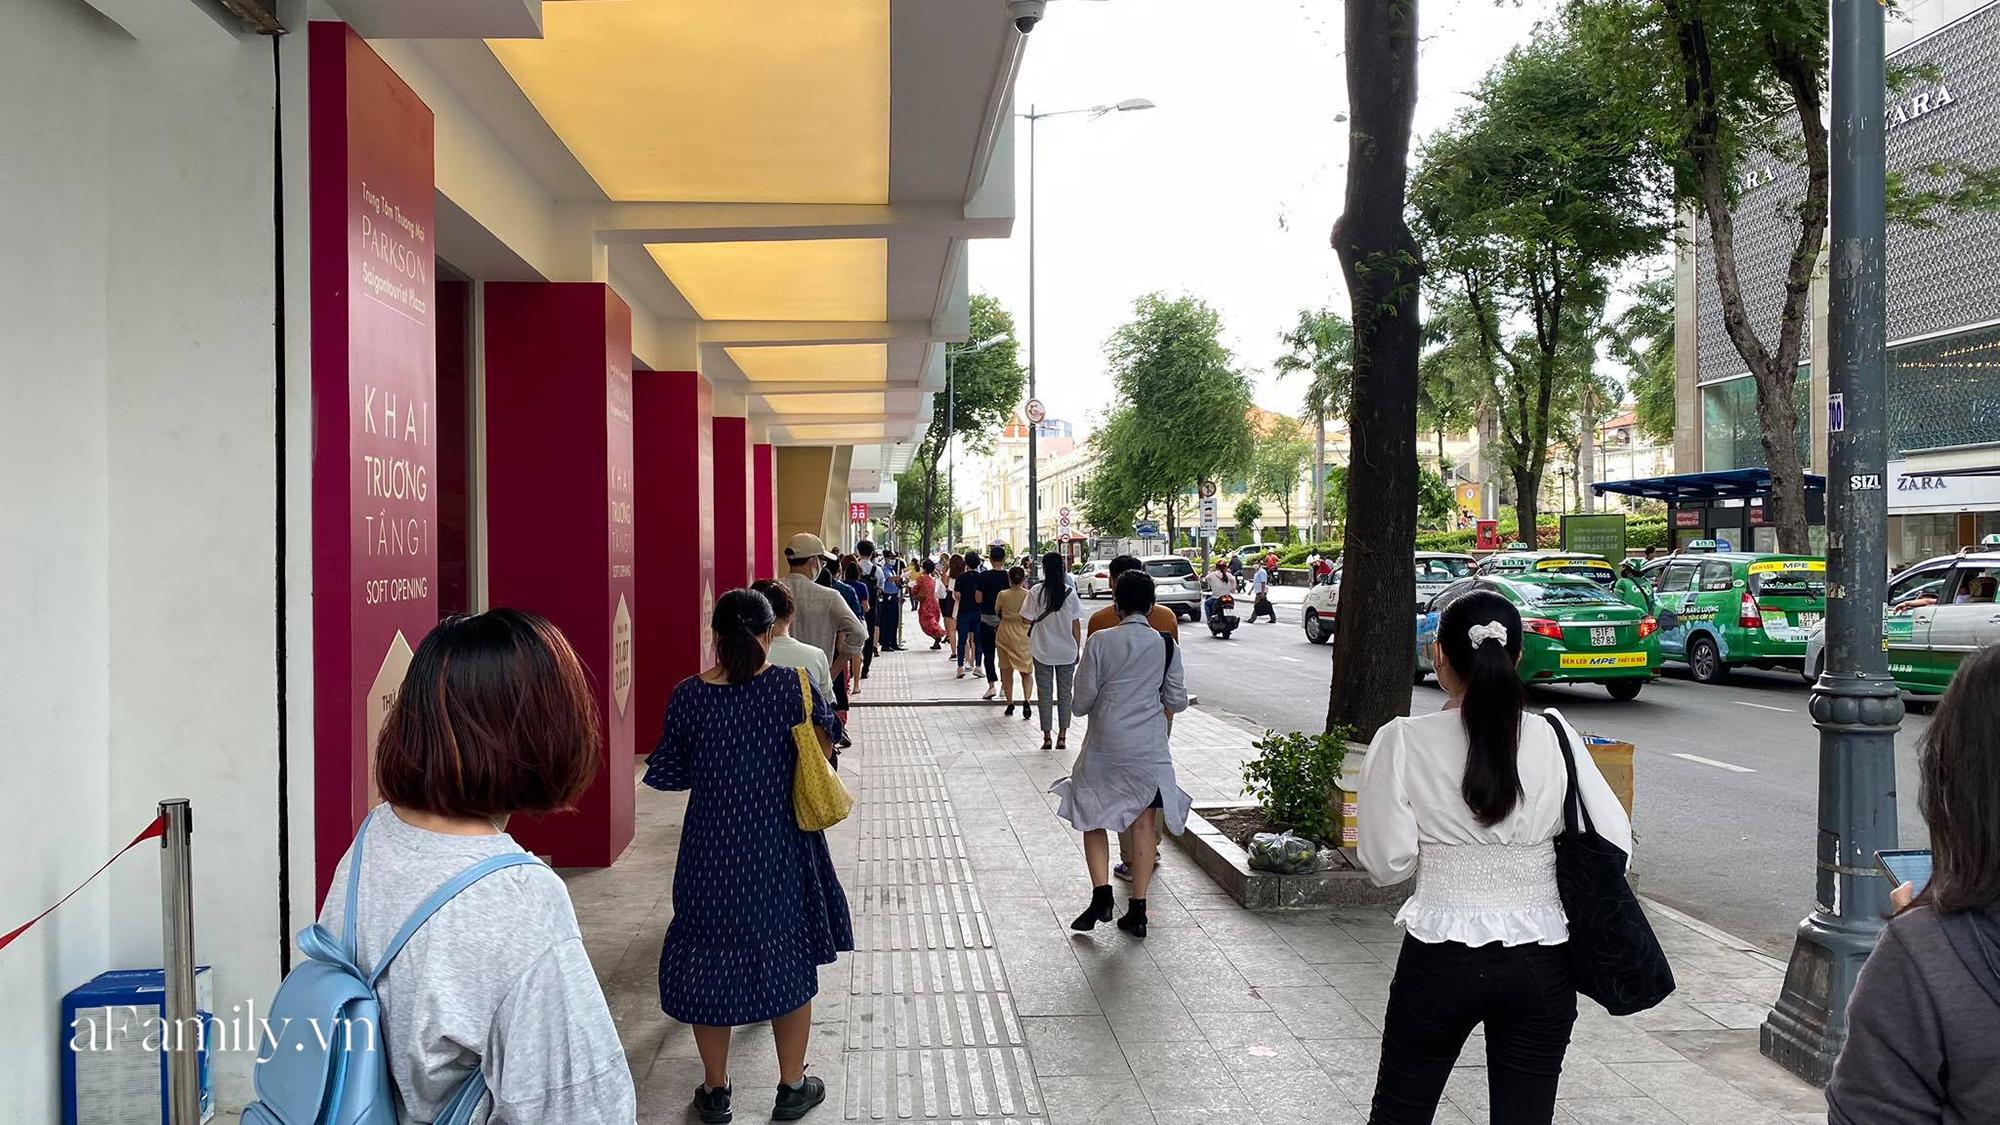 Ngày đón khách đầu tiên của MUJI tại Sài Gòn, không truyền thông rầm rộ nhưng dòng người xếp hàng dài cách nhau 2m vẫn nối đuôi như vô tận -3